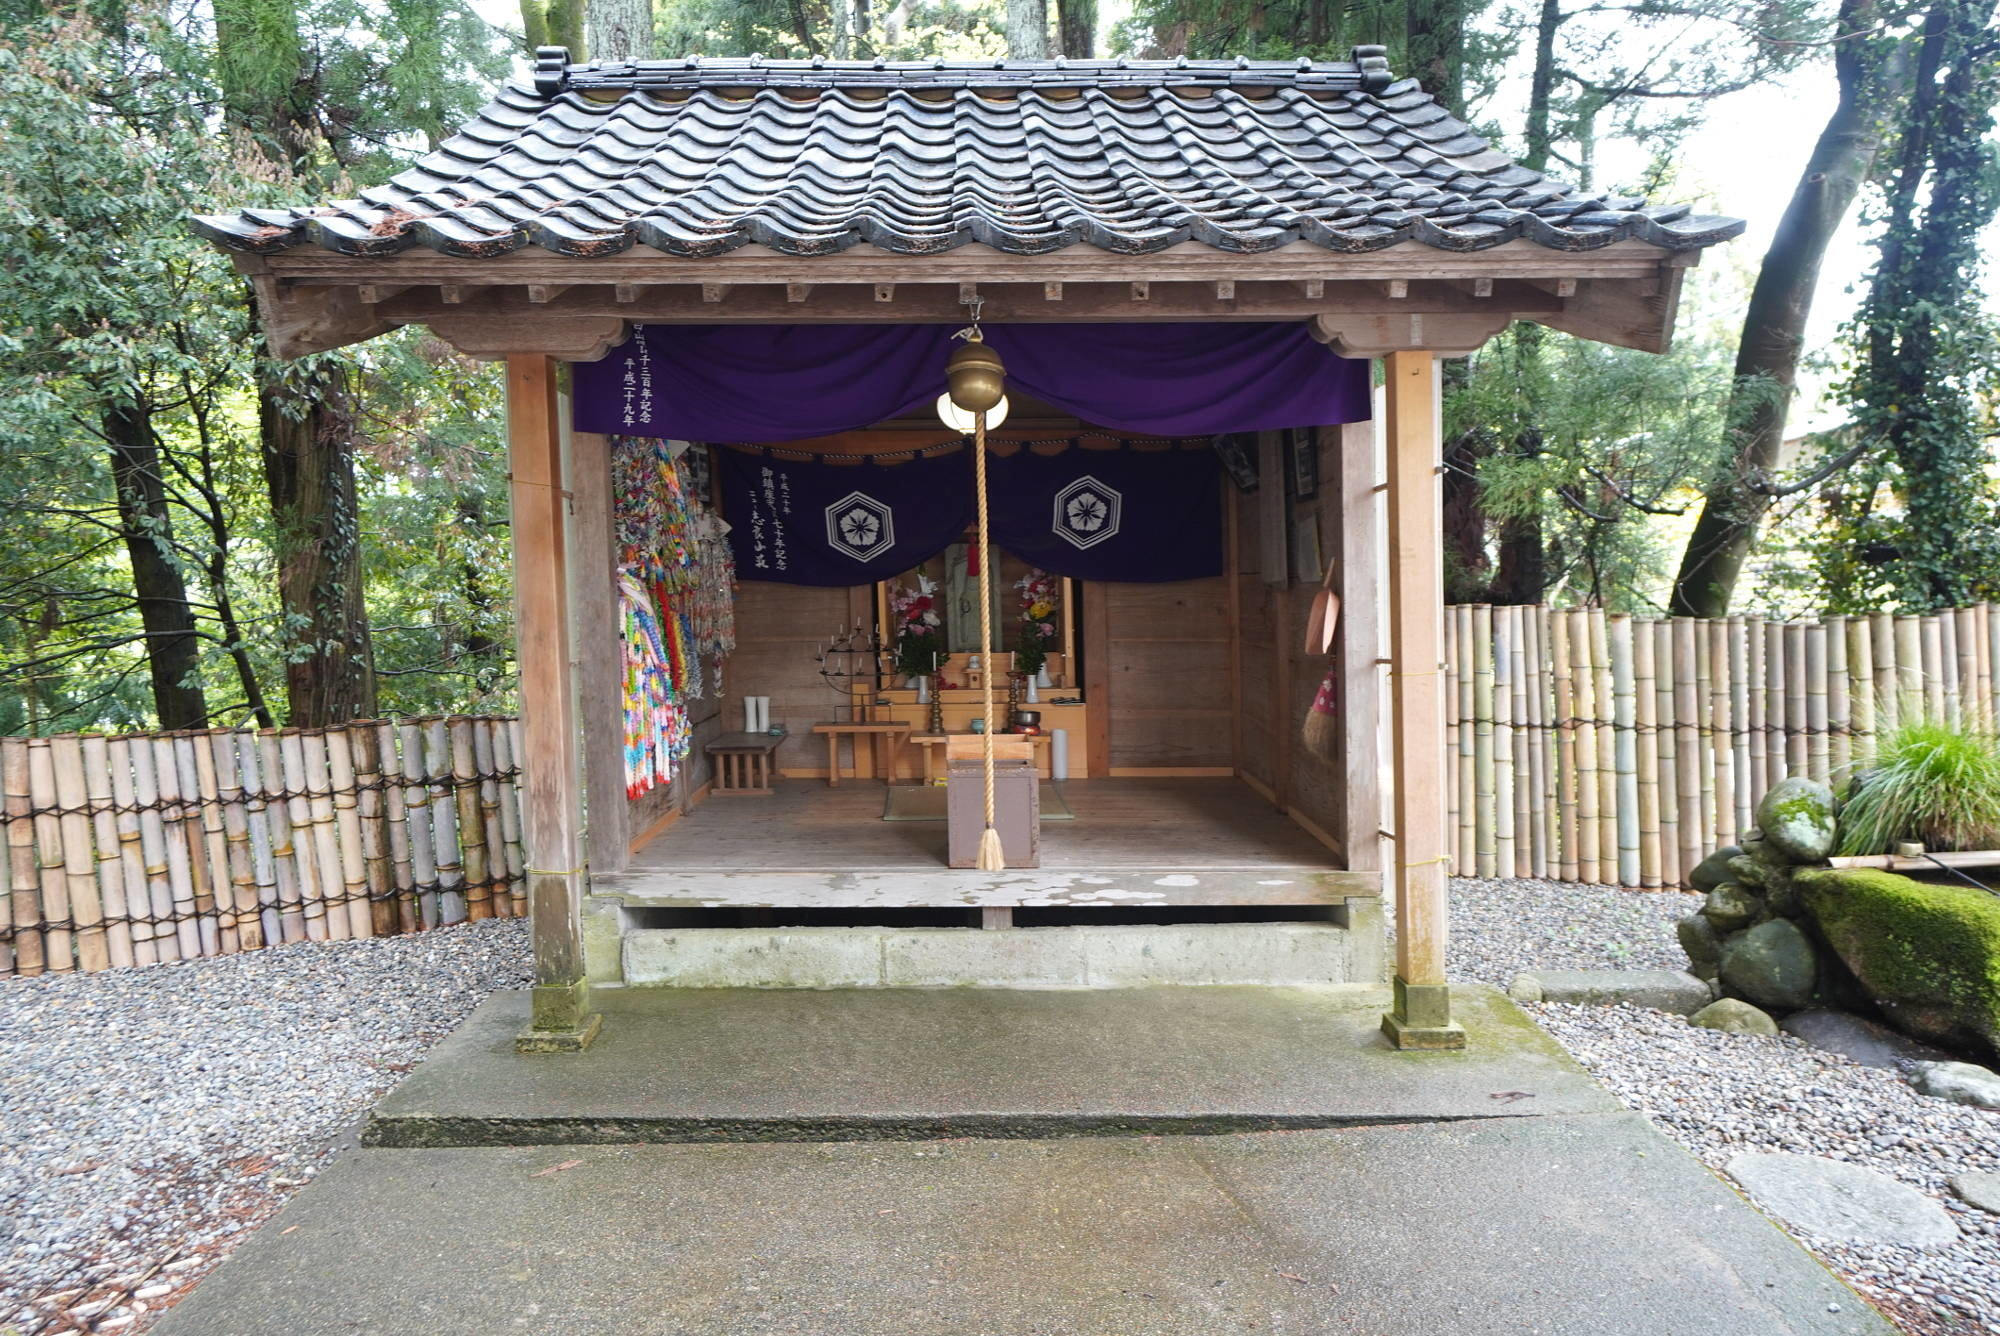 河濯尊大権現堂(カハスソンサマ)